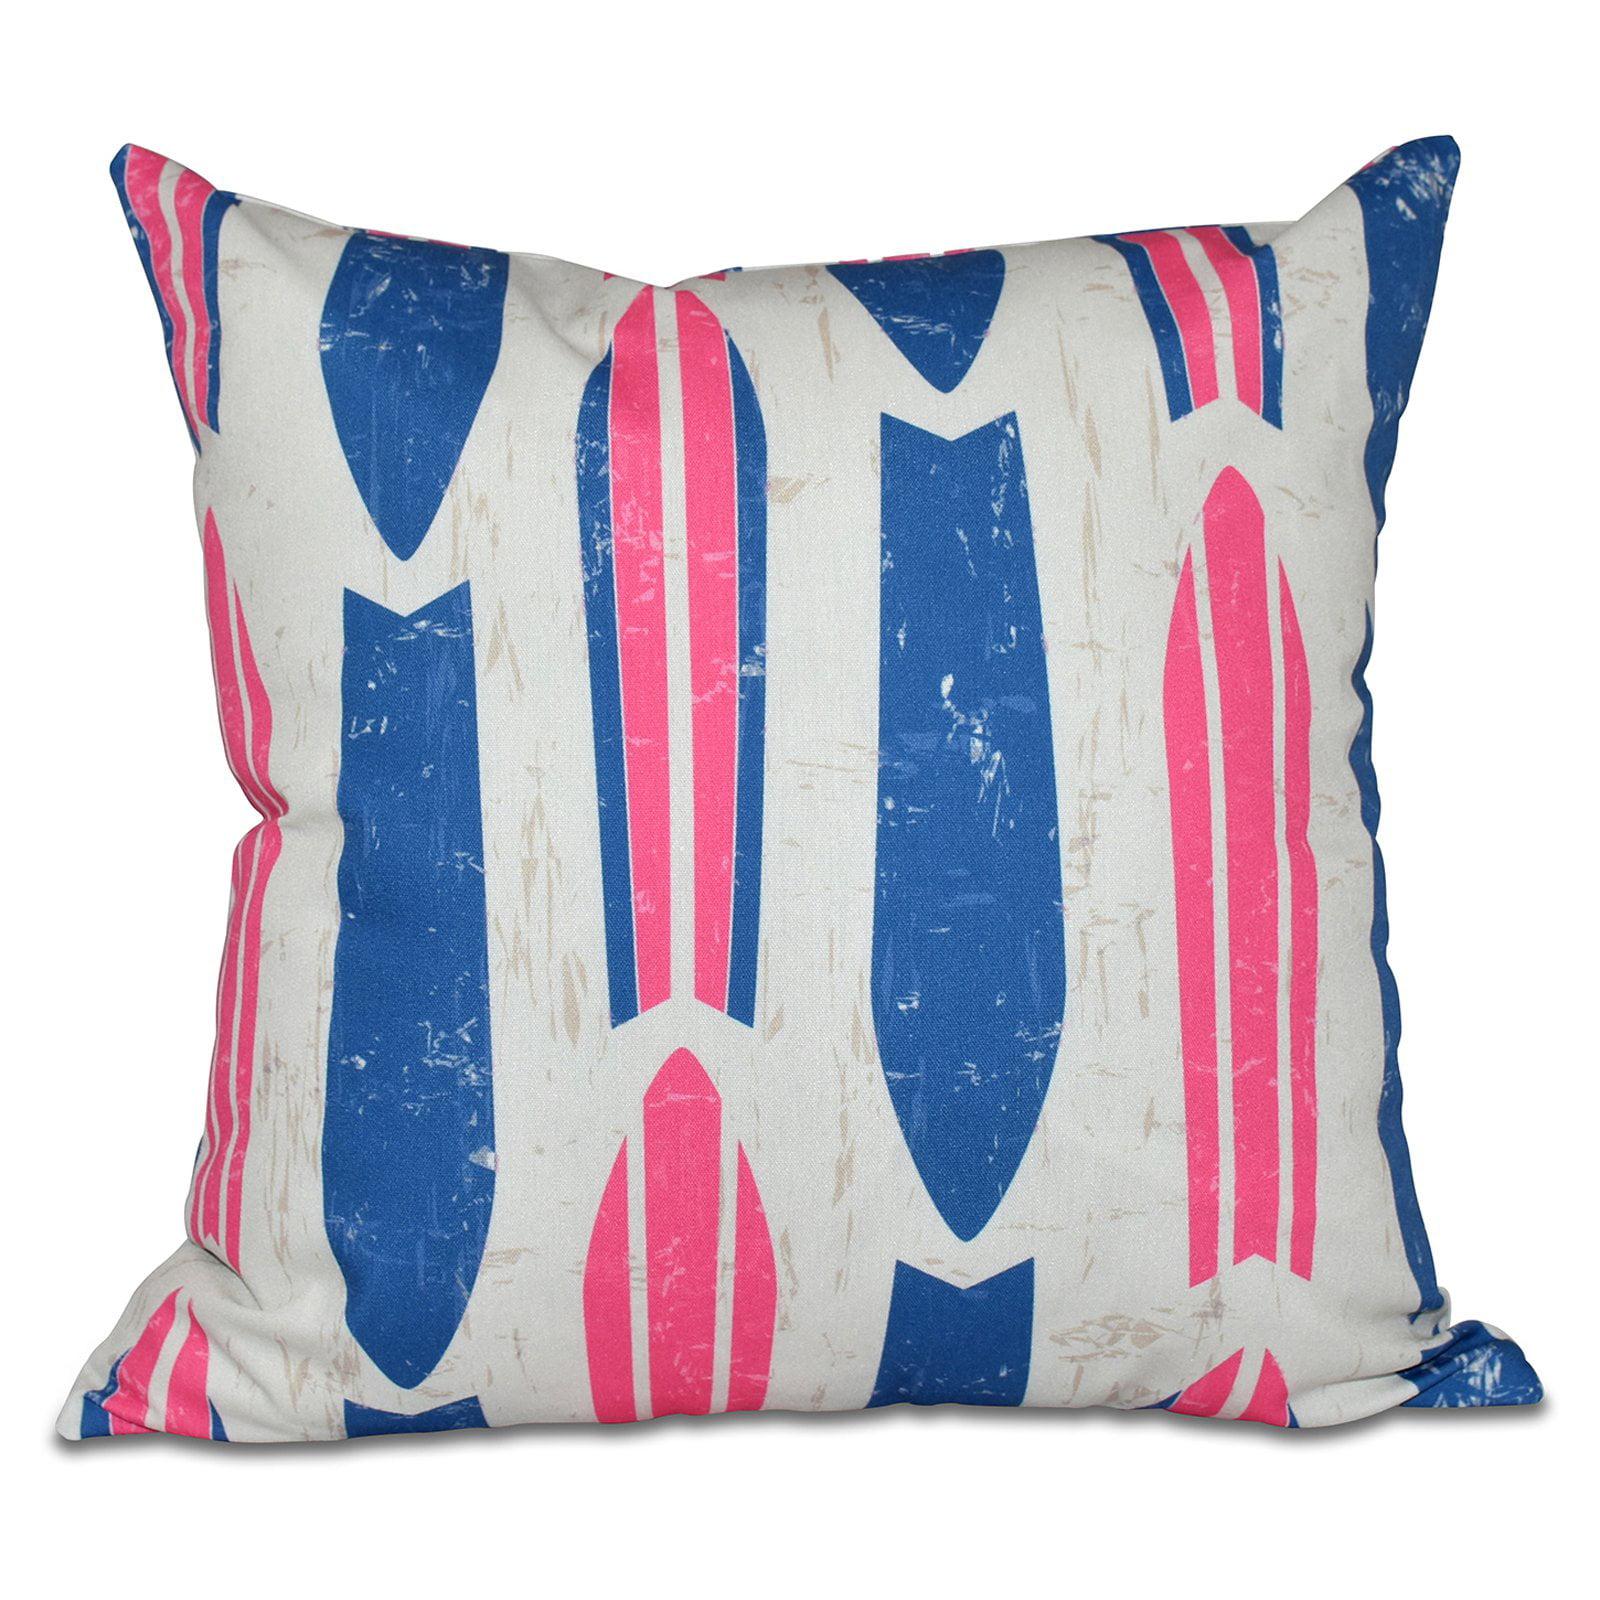 E by Design Hang Ten Dean Decorative Pillow